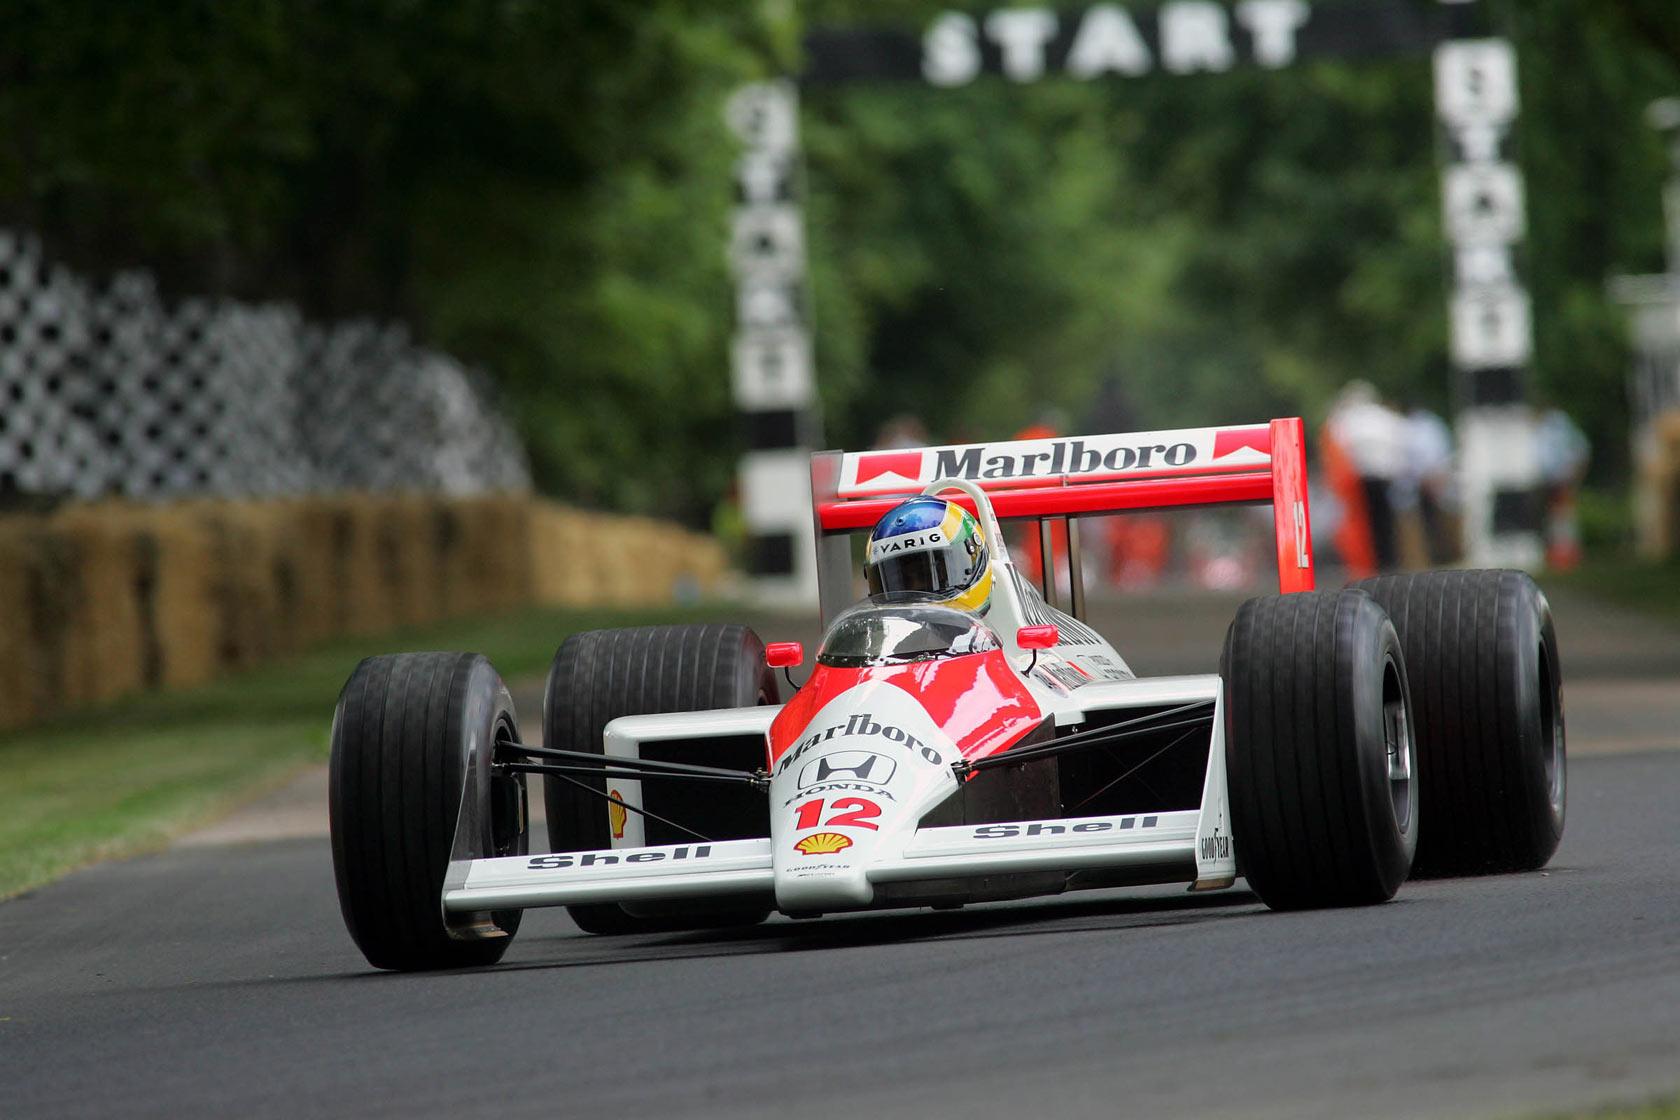 本田 2015 重組 F1 傳奇組合 McLaren